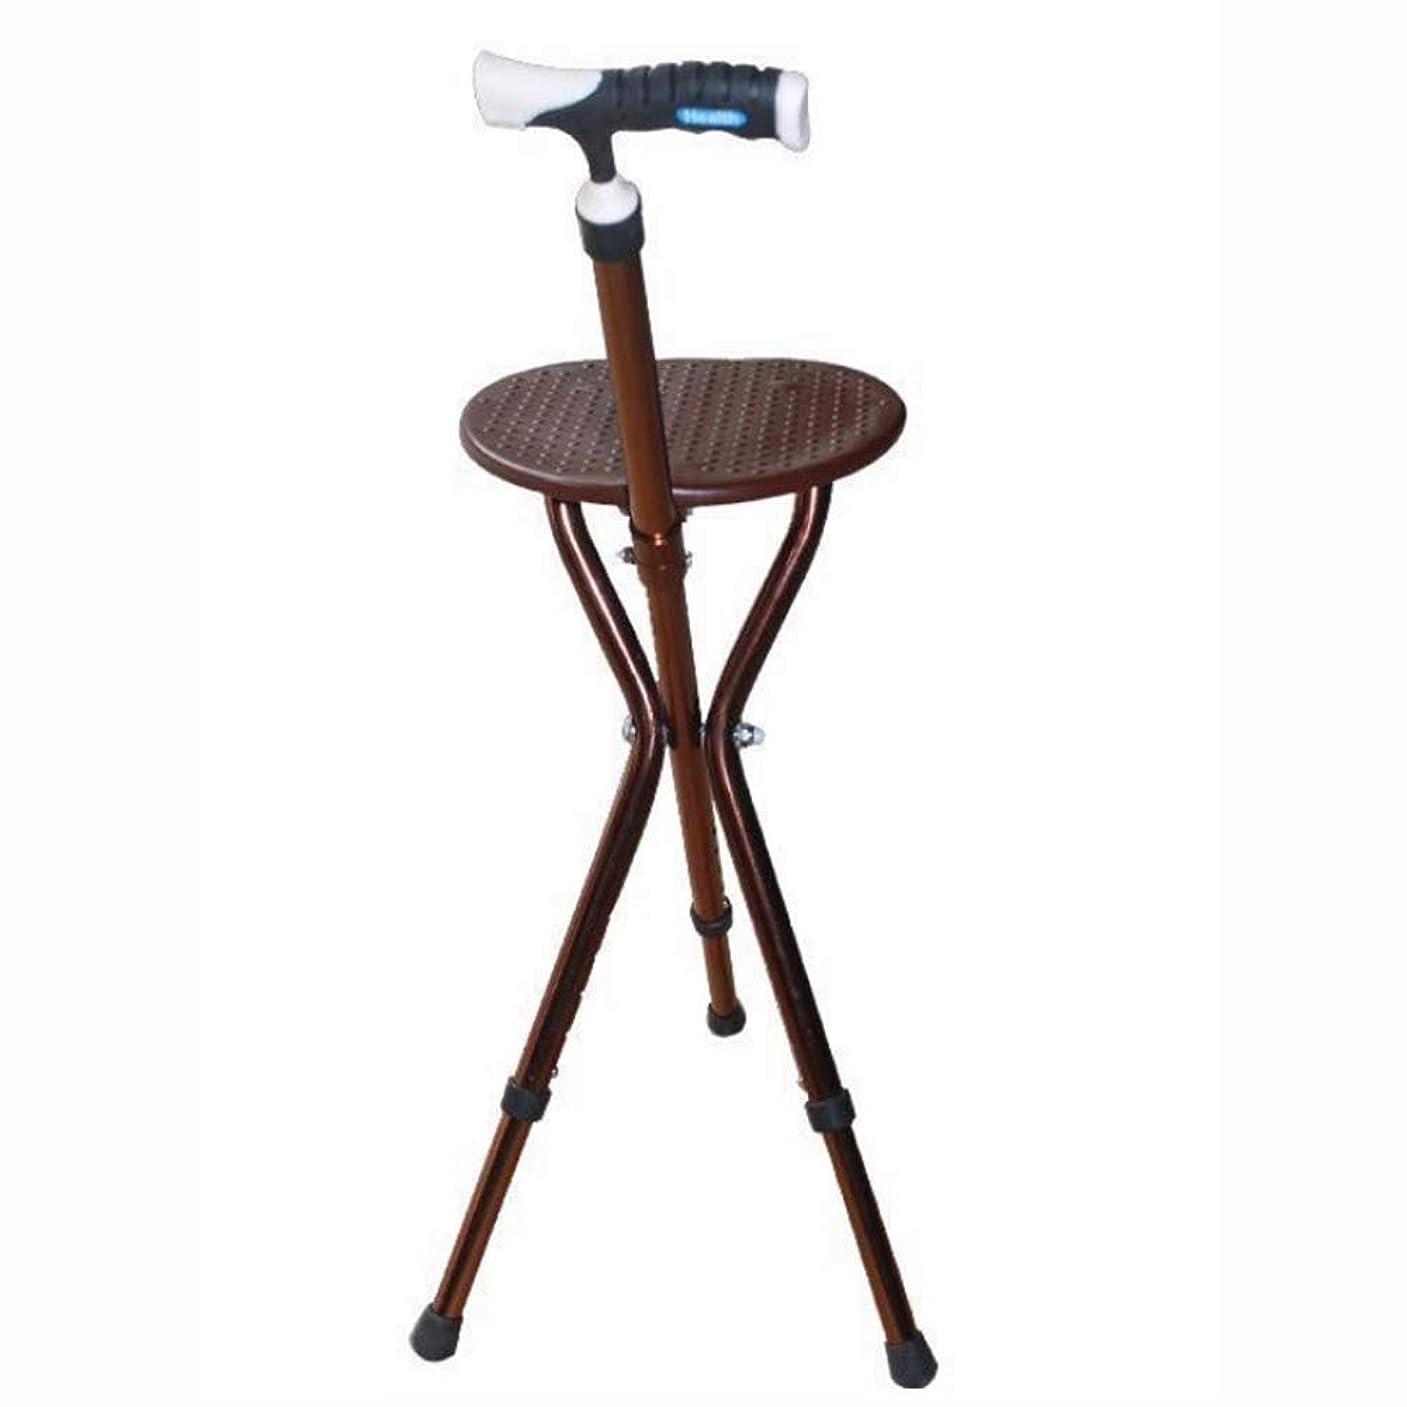 社会学天窓までDSHUJCアルミ合金杖椅子3脚松葉杖マッサージ照明機能付き5つのファイル高さ調節可能高齢者に便利